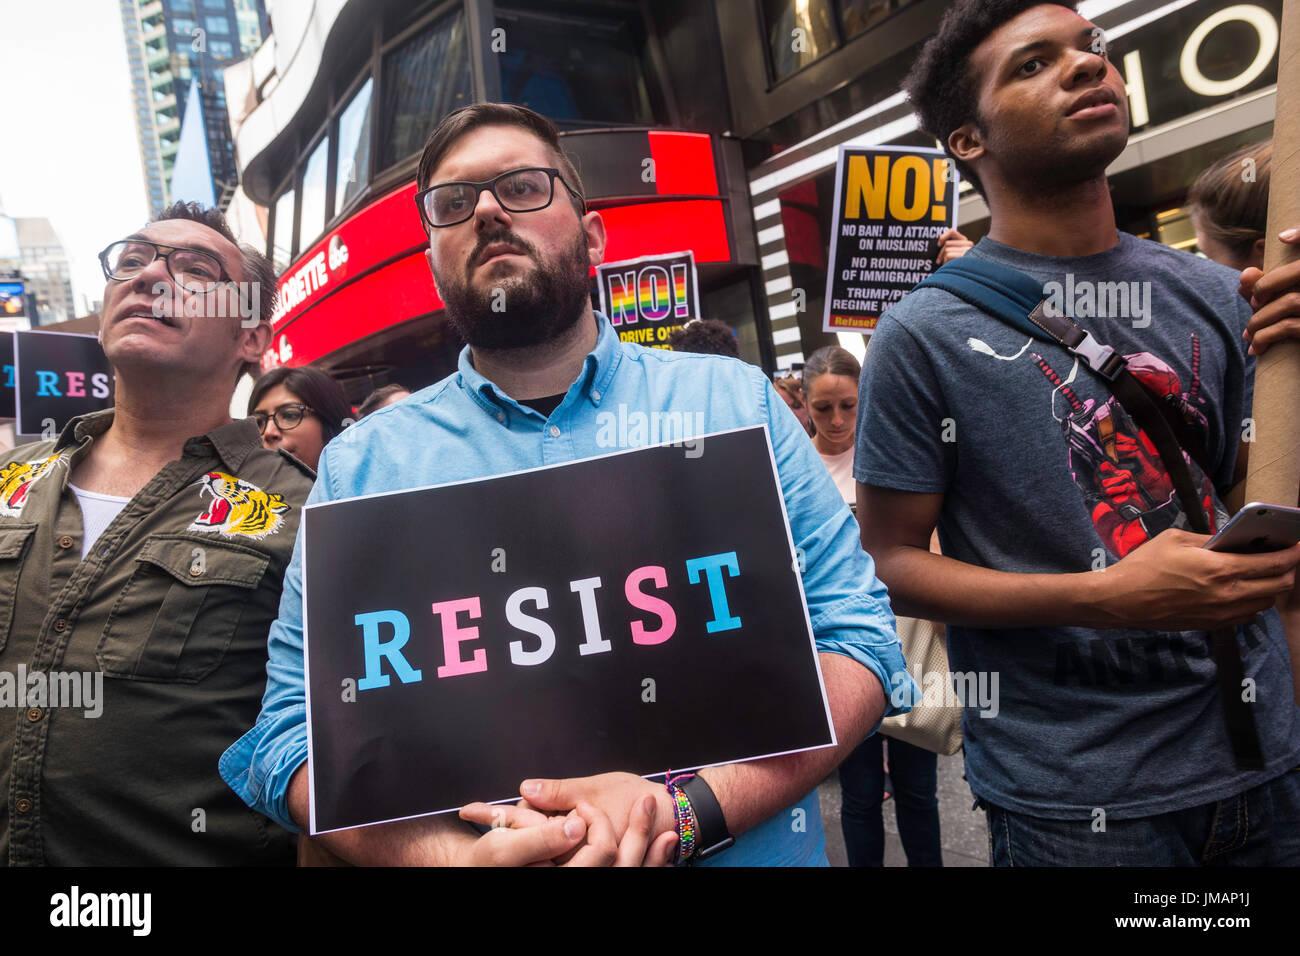 Nueva York, NY el 26 de julio de 2017 en respuesta al presidente Donald Trump tweet la prohibición a las personas transgénero de los militares, abogados, activistas y aliados se reunieron en el centro de reclutamiento militar en Times Square en la protesta. ©Stacy Walsh Rosenstock/Alamy Live News Imagen De Stock